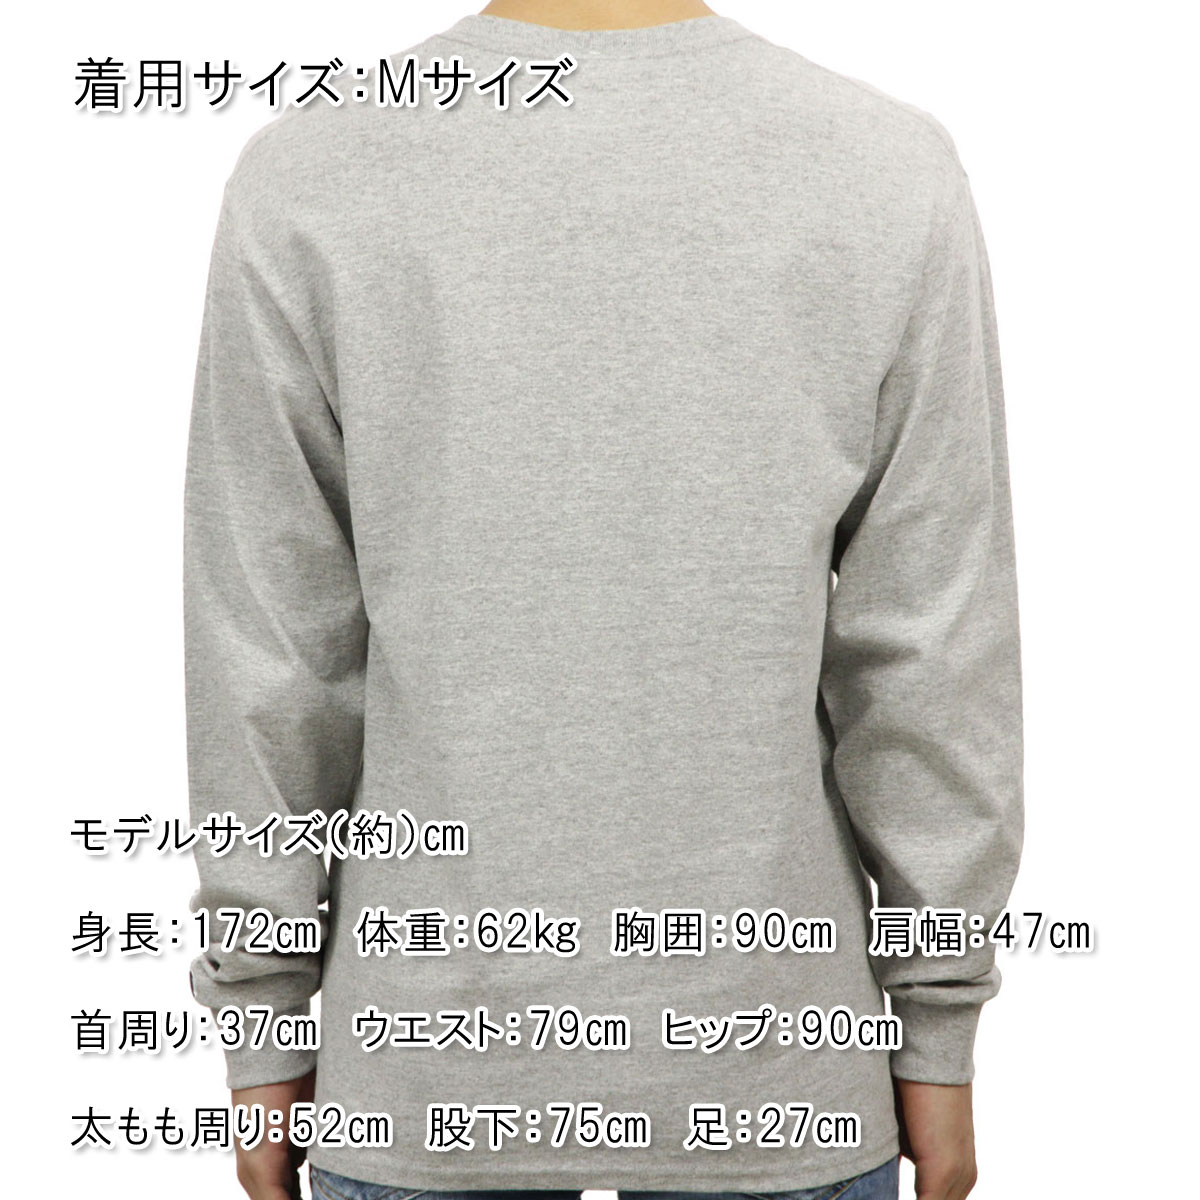 チャンピオン CHAMPION 正規品 メンズ 長袖Tシャツ L/S TEE T2229P Cotton Long Sleeve Tee 806-OXFORDGREY #549506 PATRIOTIC C LS